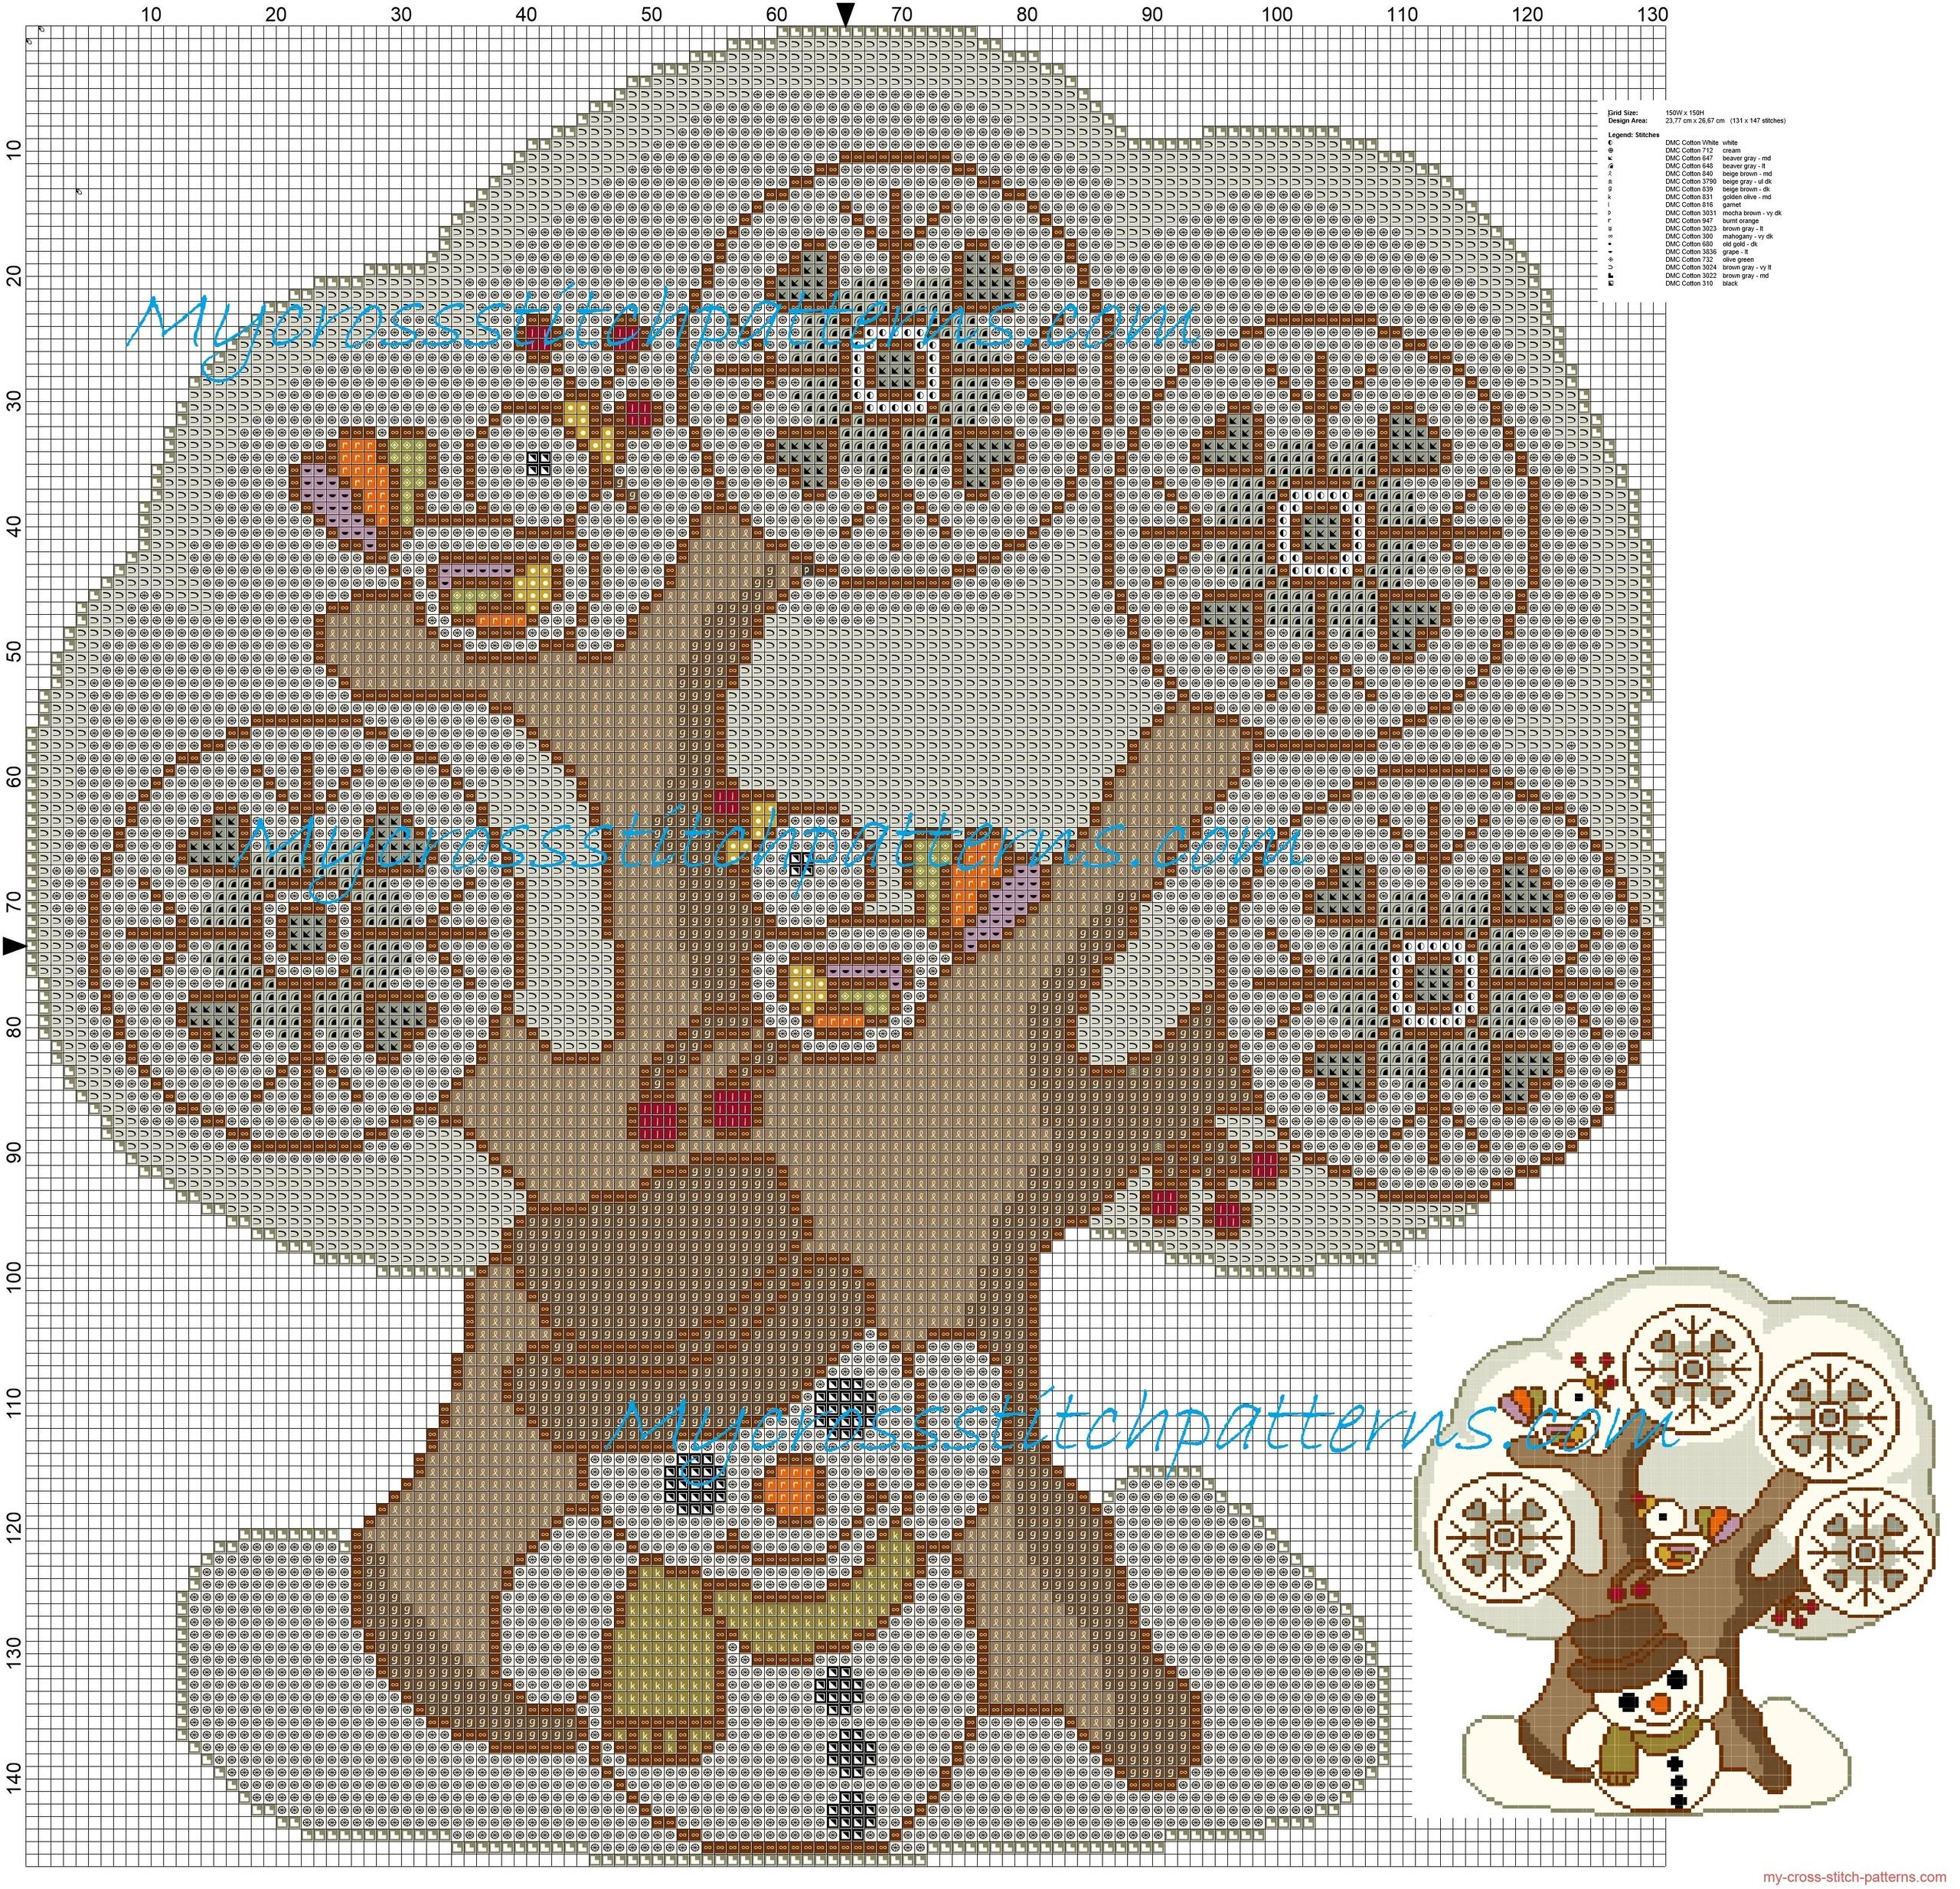 le_quattro_stagioni_thun_inverno_schema_punto_croce_gratis